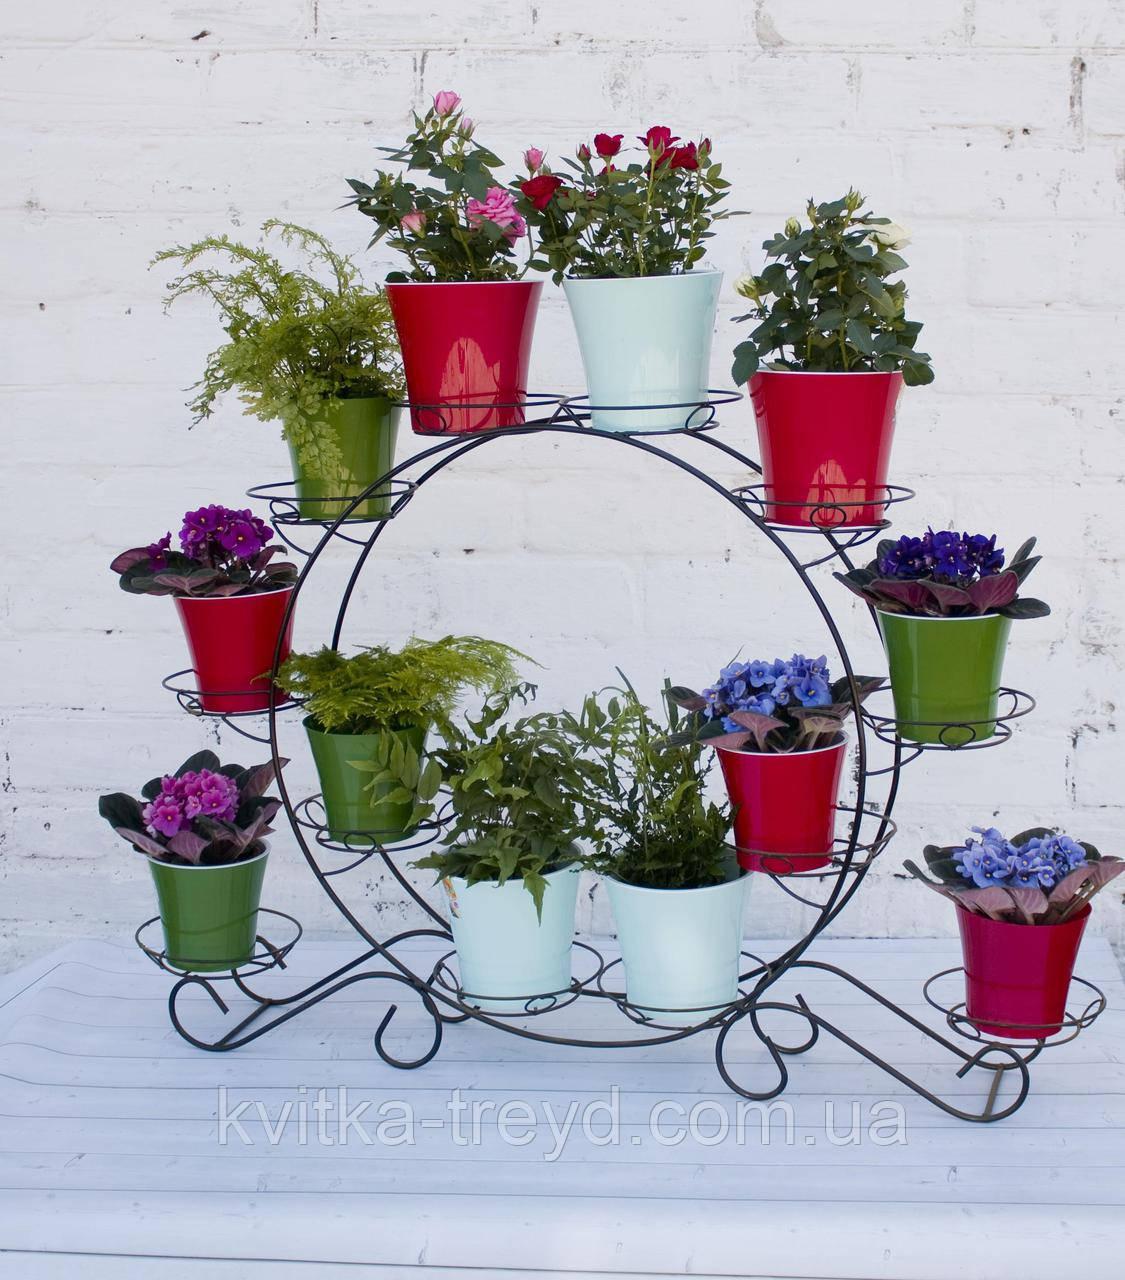 Кована підставка для квітів Кільця 12